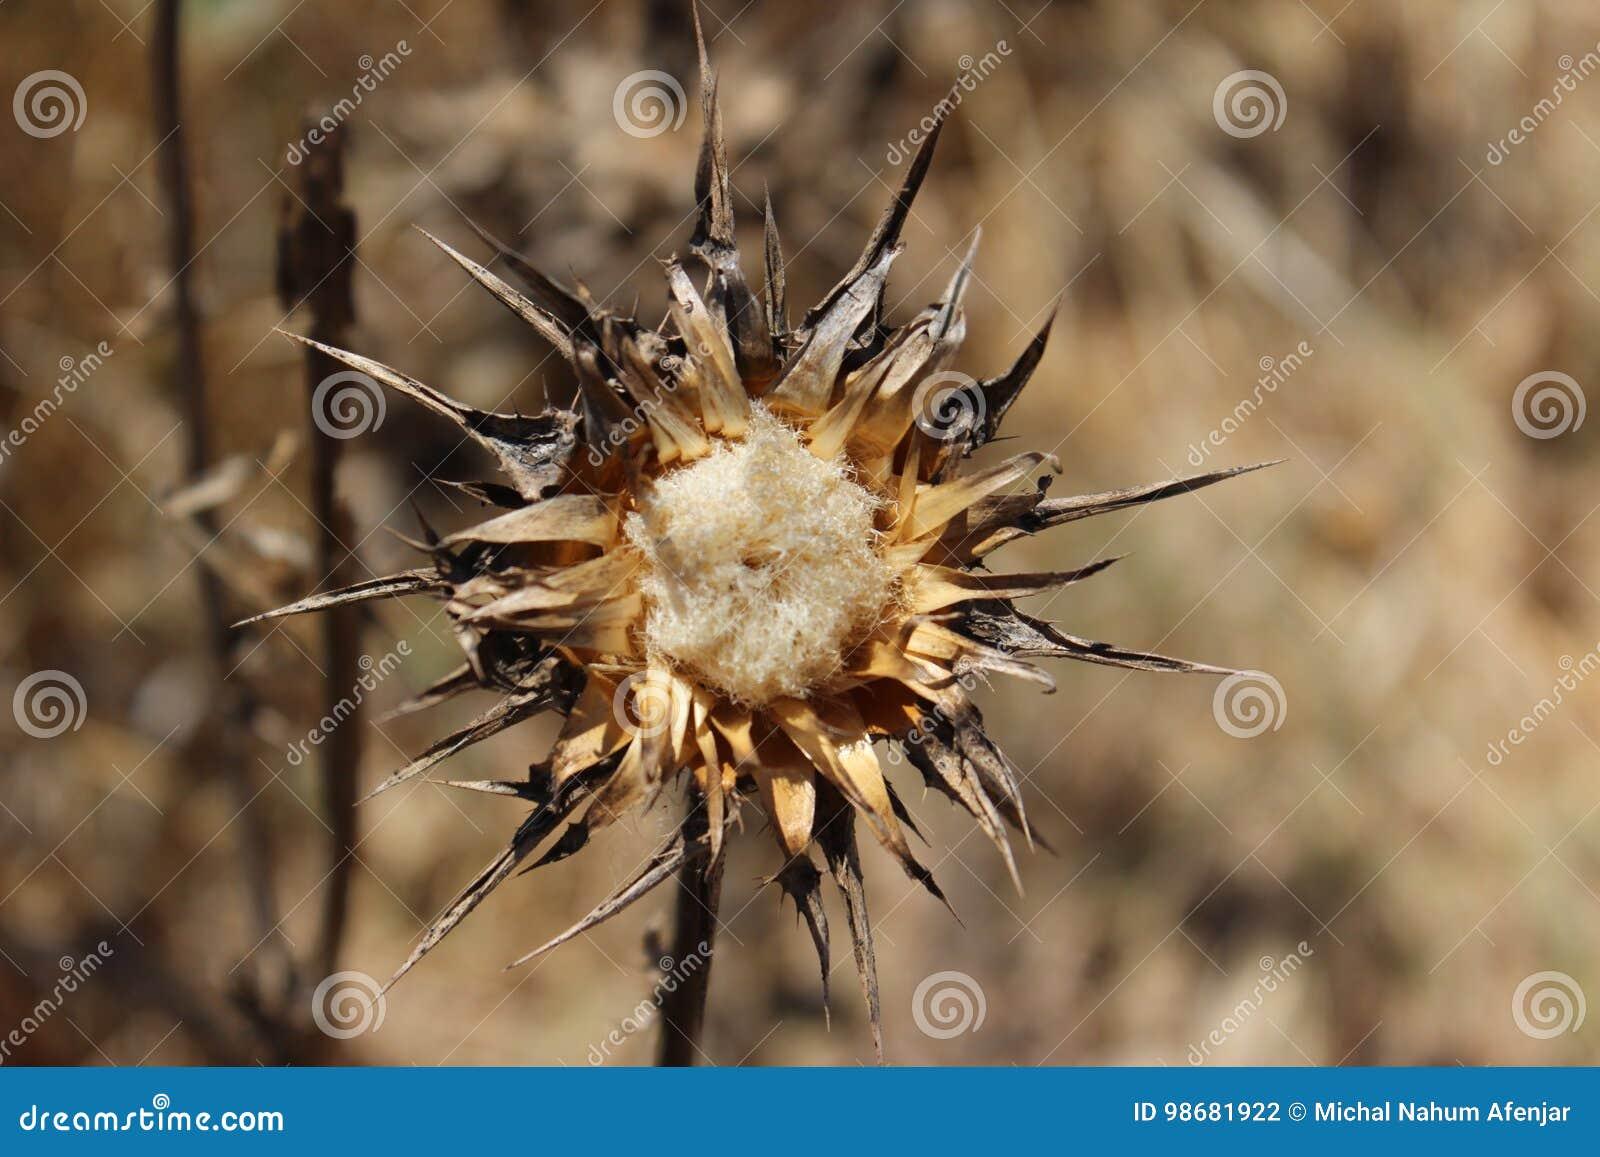 Fleur Seche De Chardon Un Jour Chaud En Israel Photo Stock Image